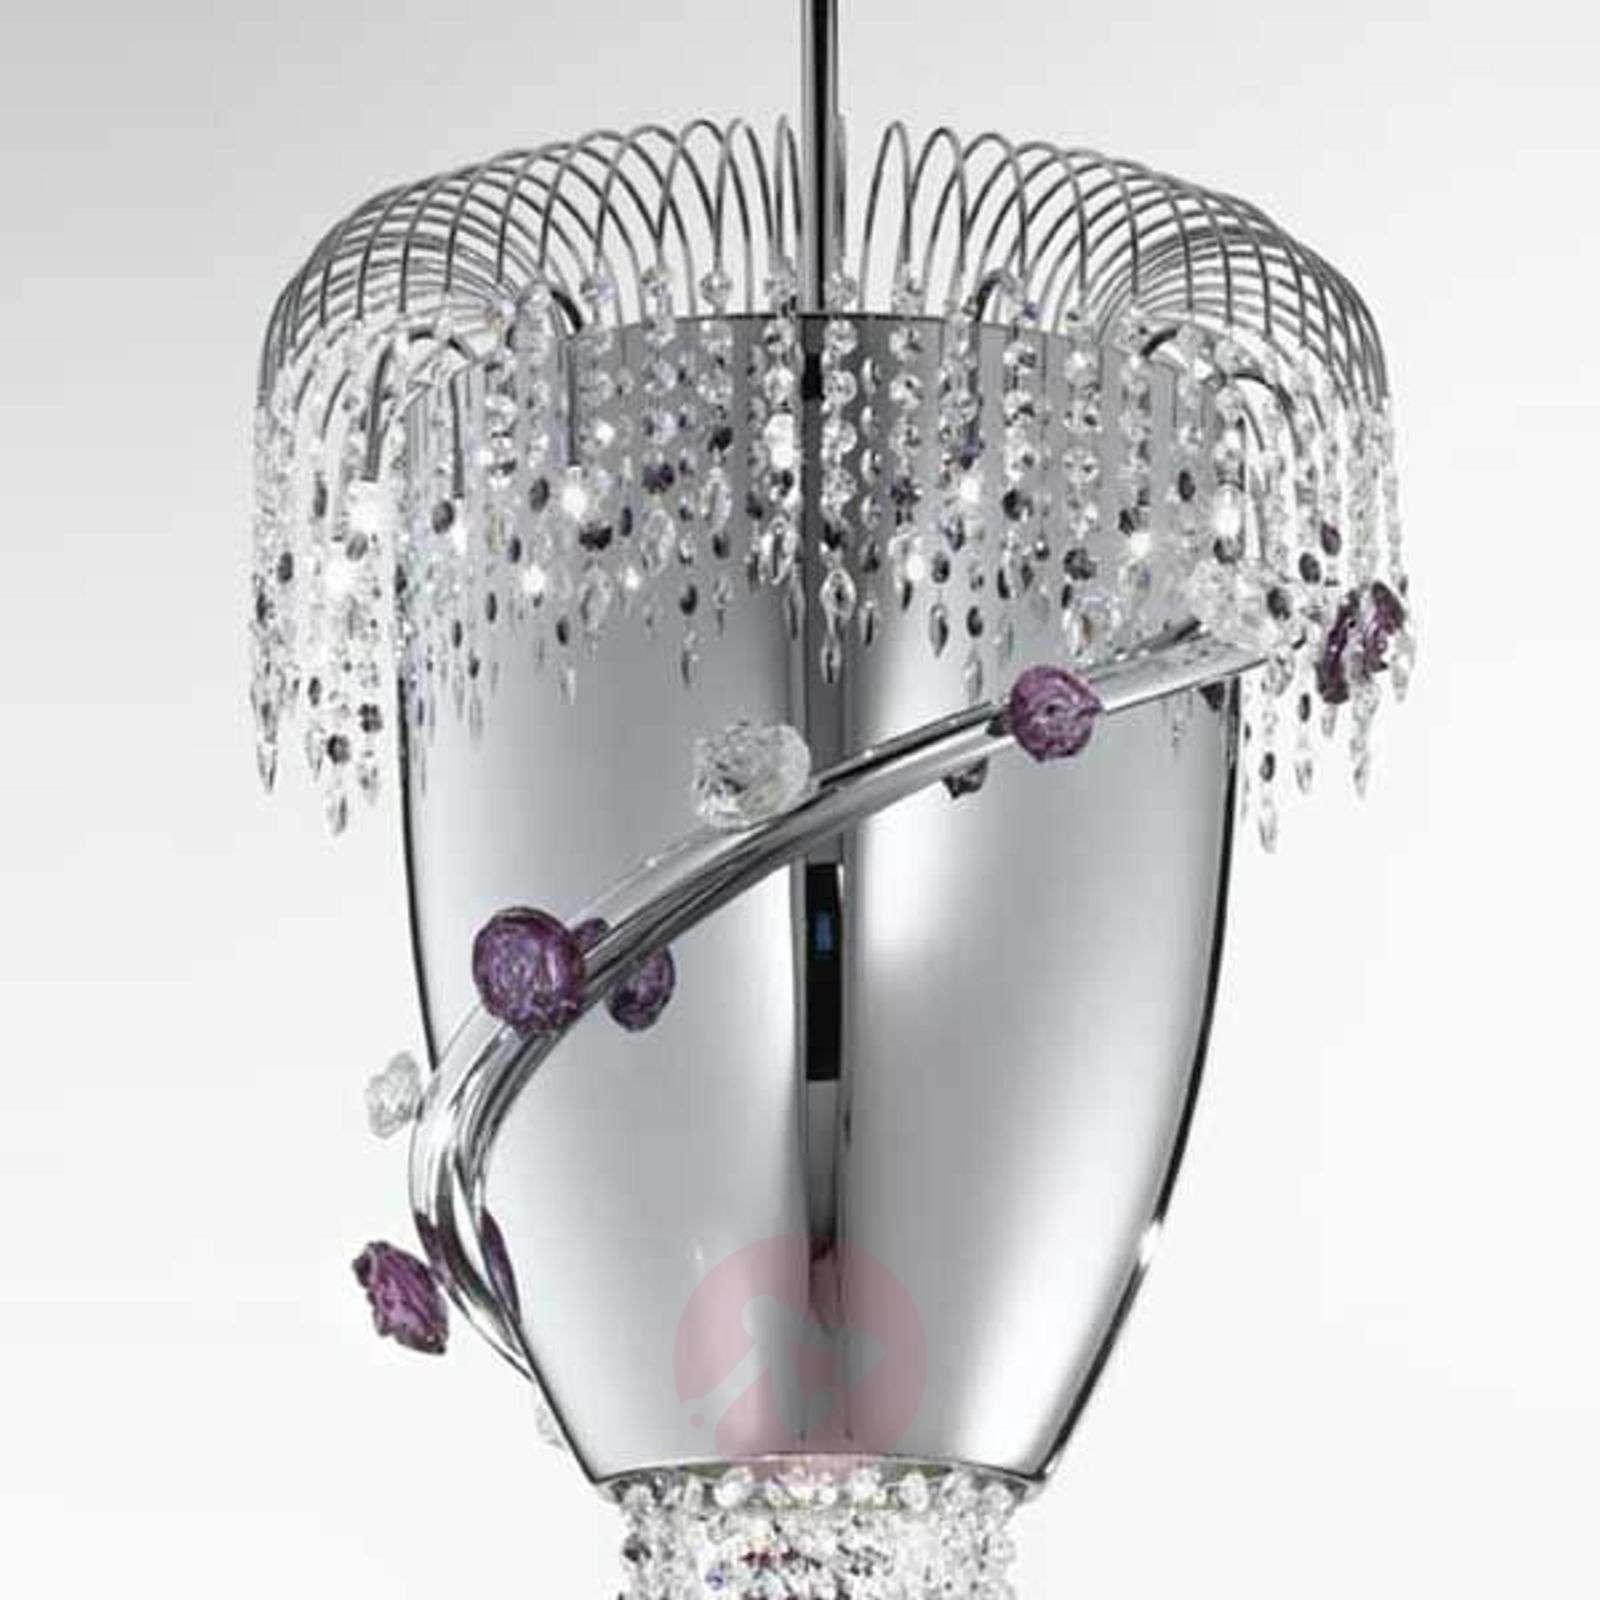 Loistelias Divina-riippuvalaisin, 10-lamppuinen-5015017X-01